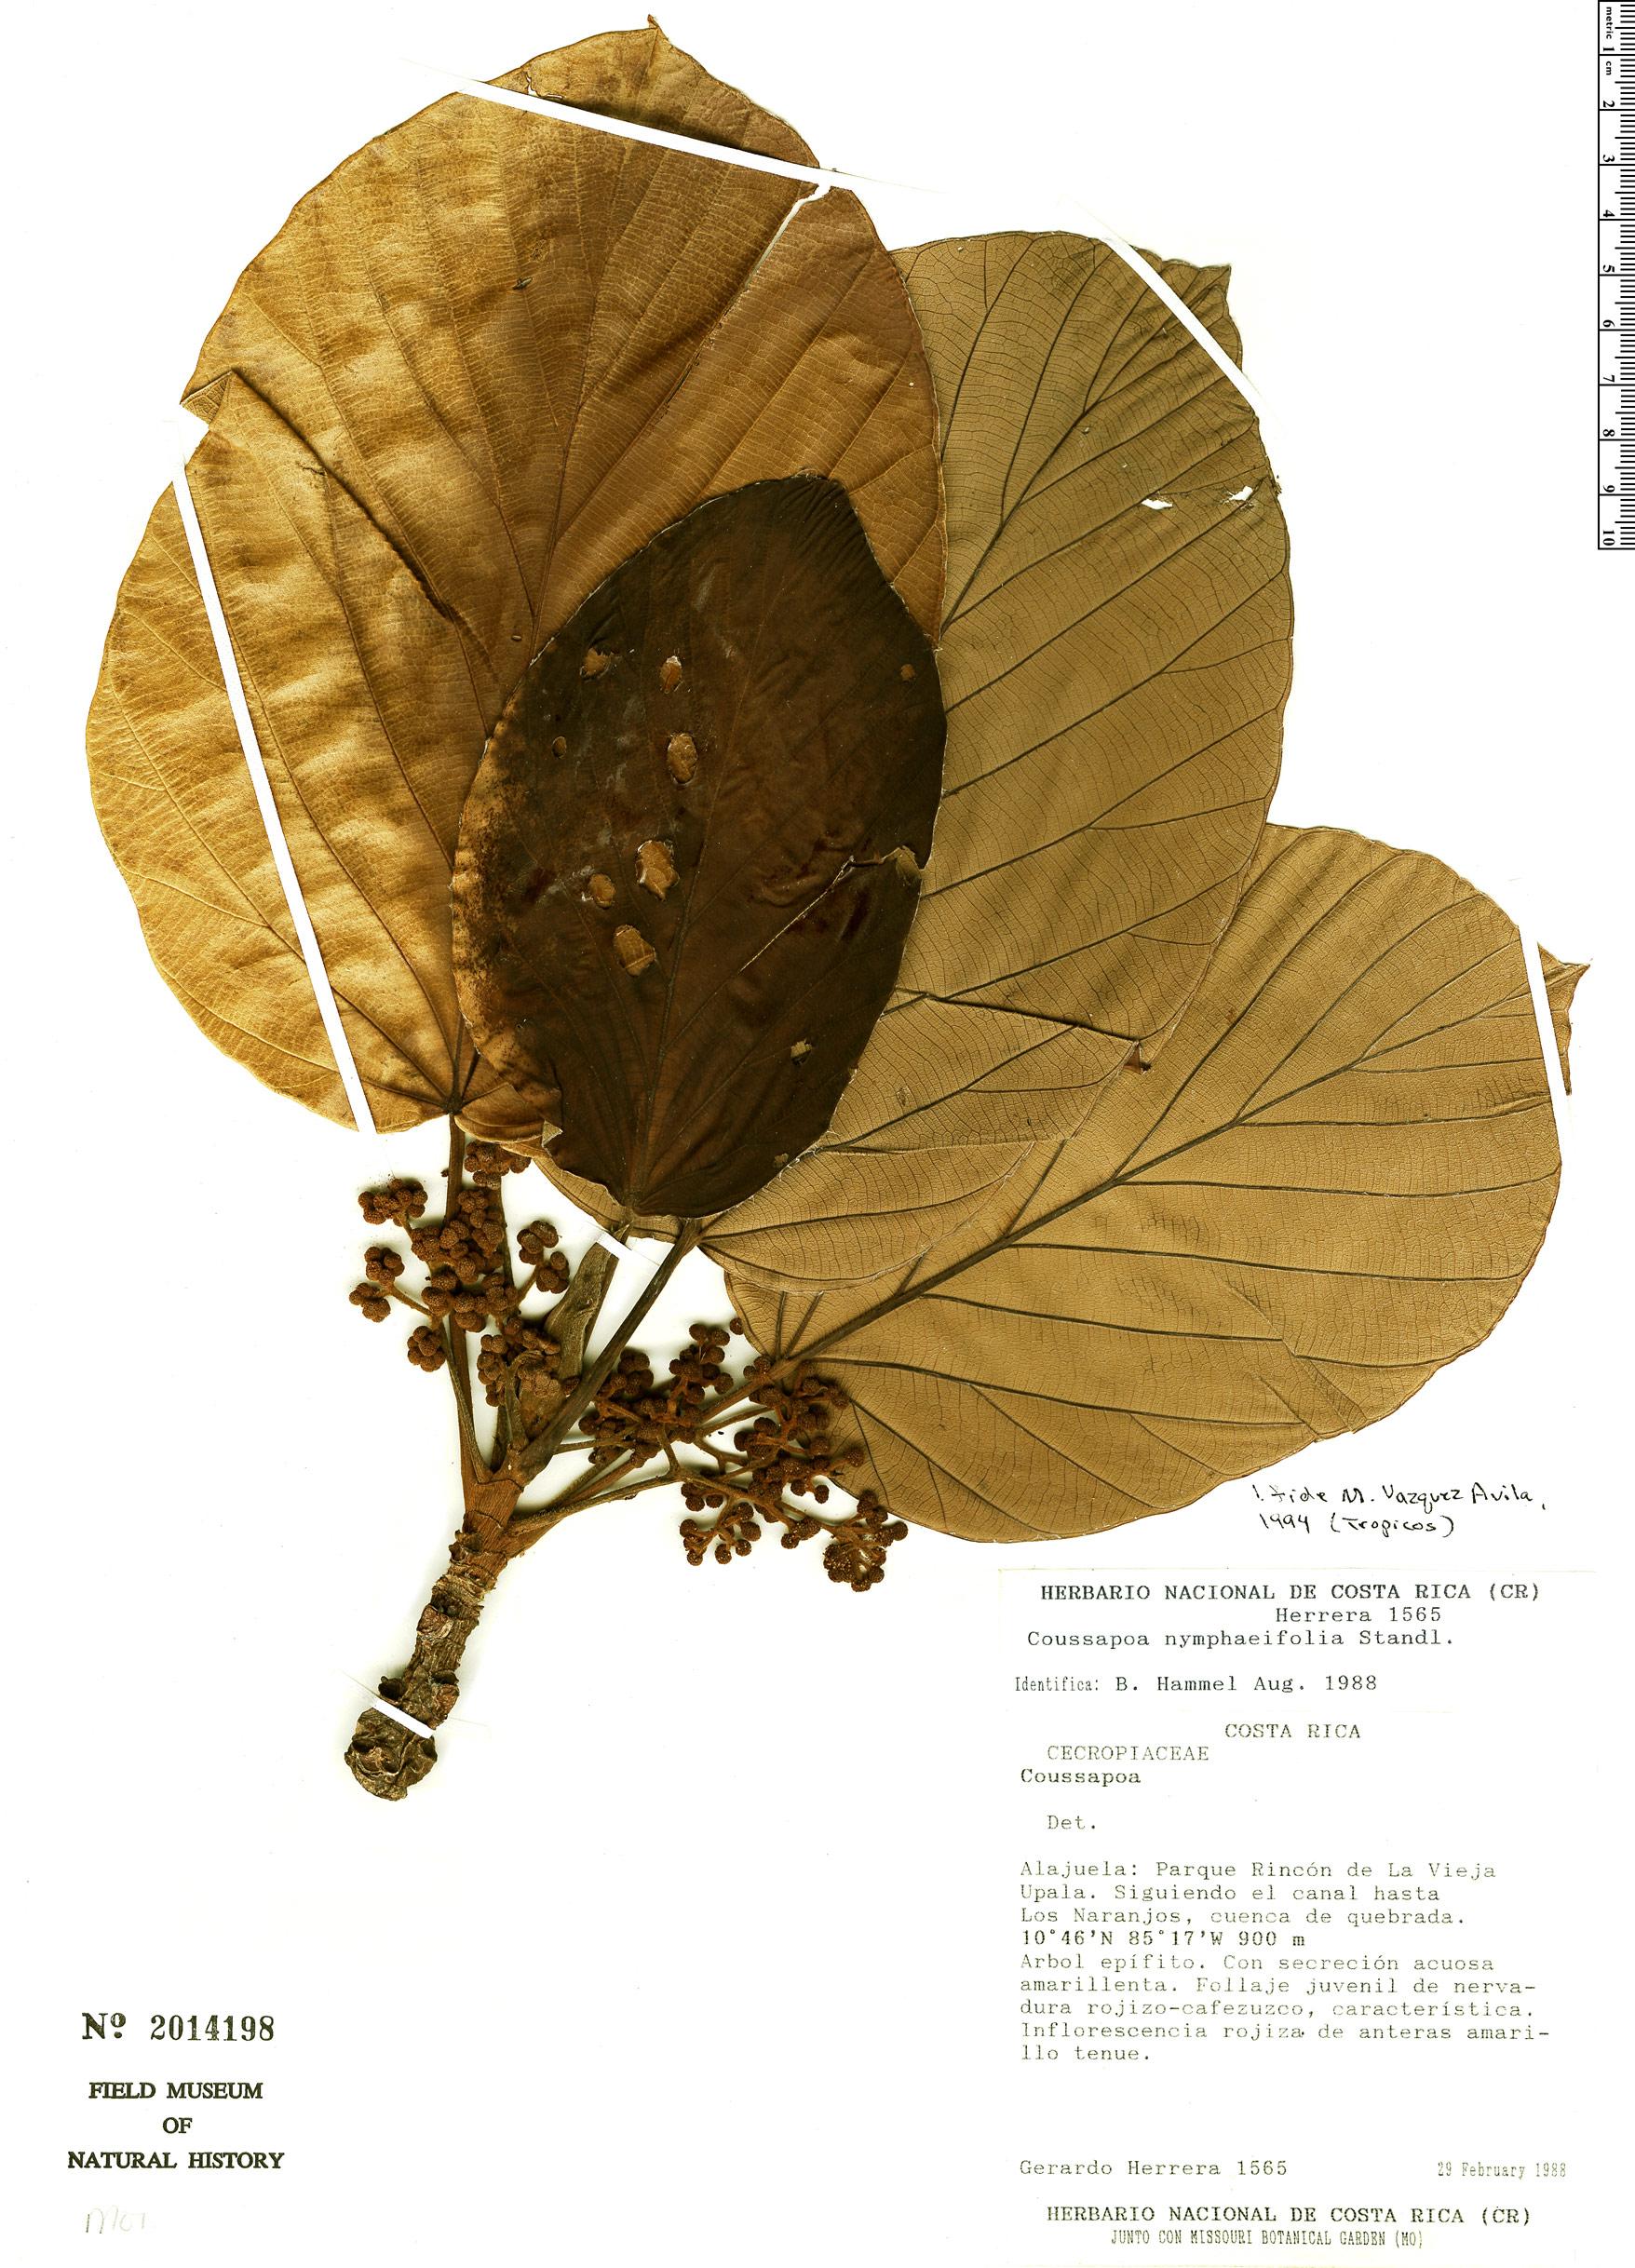 Specimen: Coussapoa nymphaeifolia